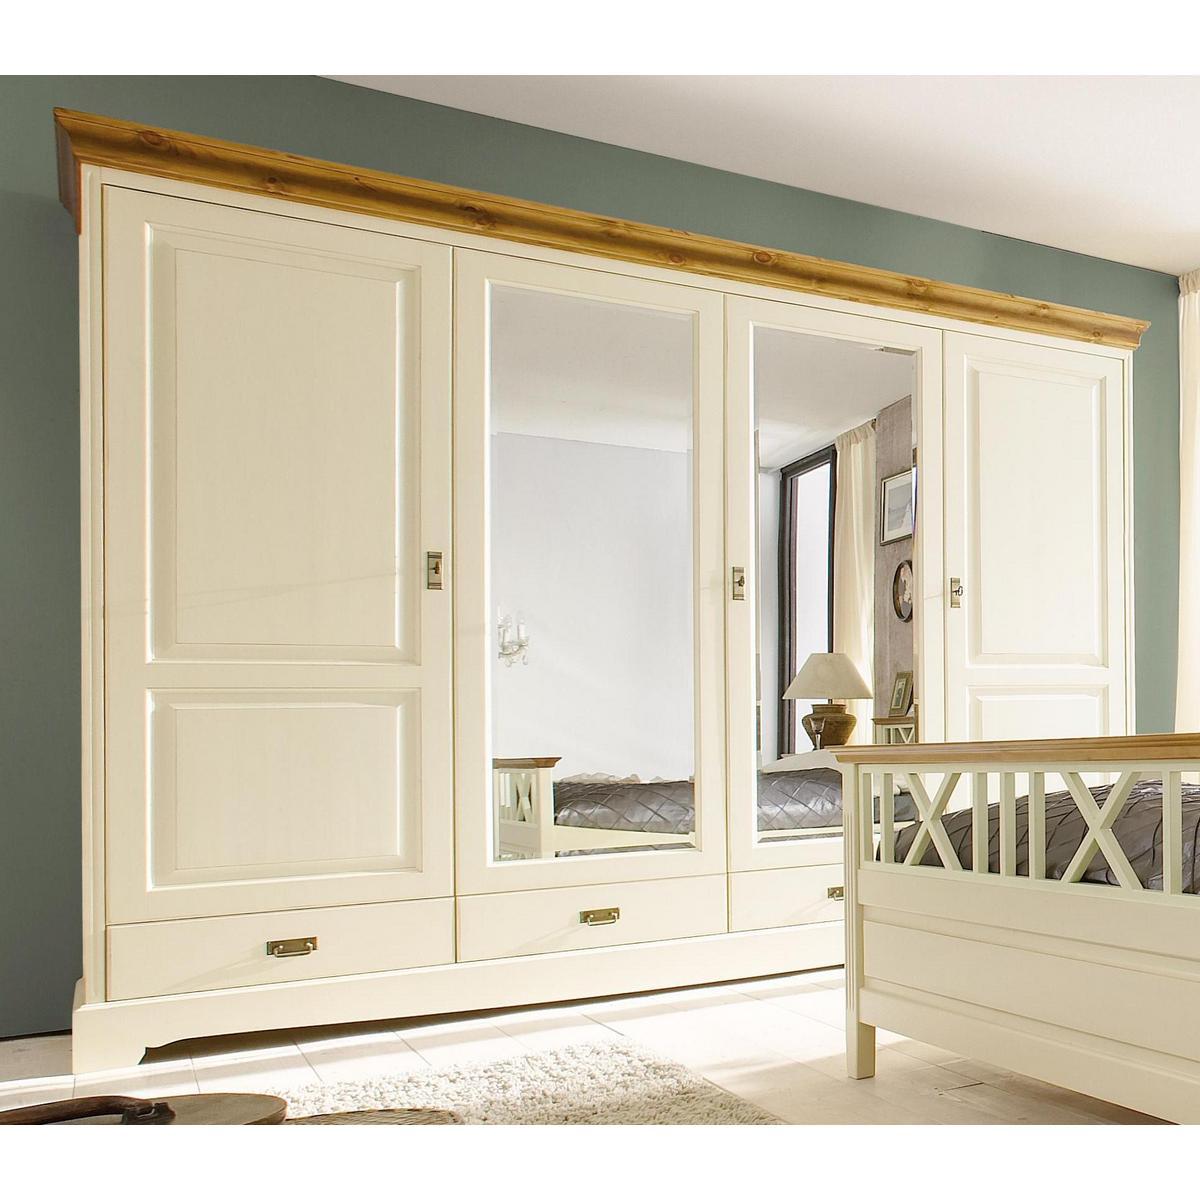 Kleiderschrank 4 t rig mit spiegel paris kiefer massiv 2 - Schlafzimmerschrank mit spiegel ...